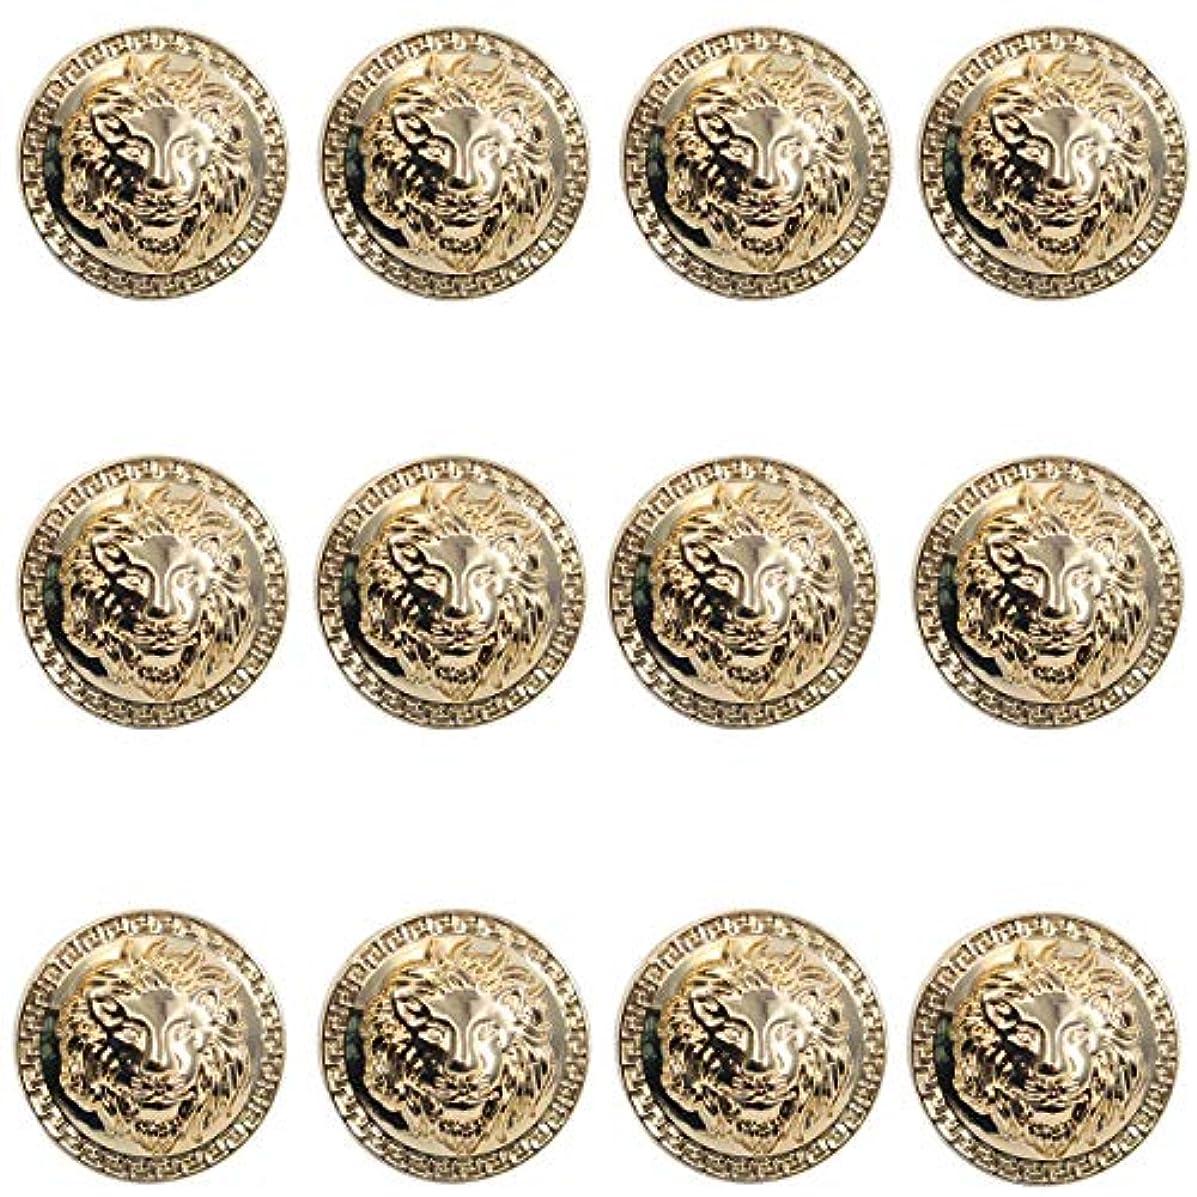 12 Pieces Vintage Antique Metal Blazer Button Set - 3D Lion Head - for Blazer, Suits, Sport Coat, Uniform, Jacket (Gold 23mm)